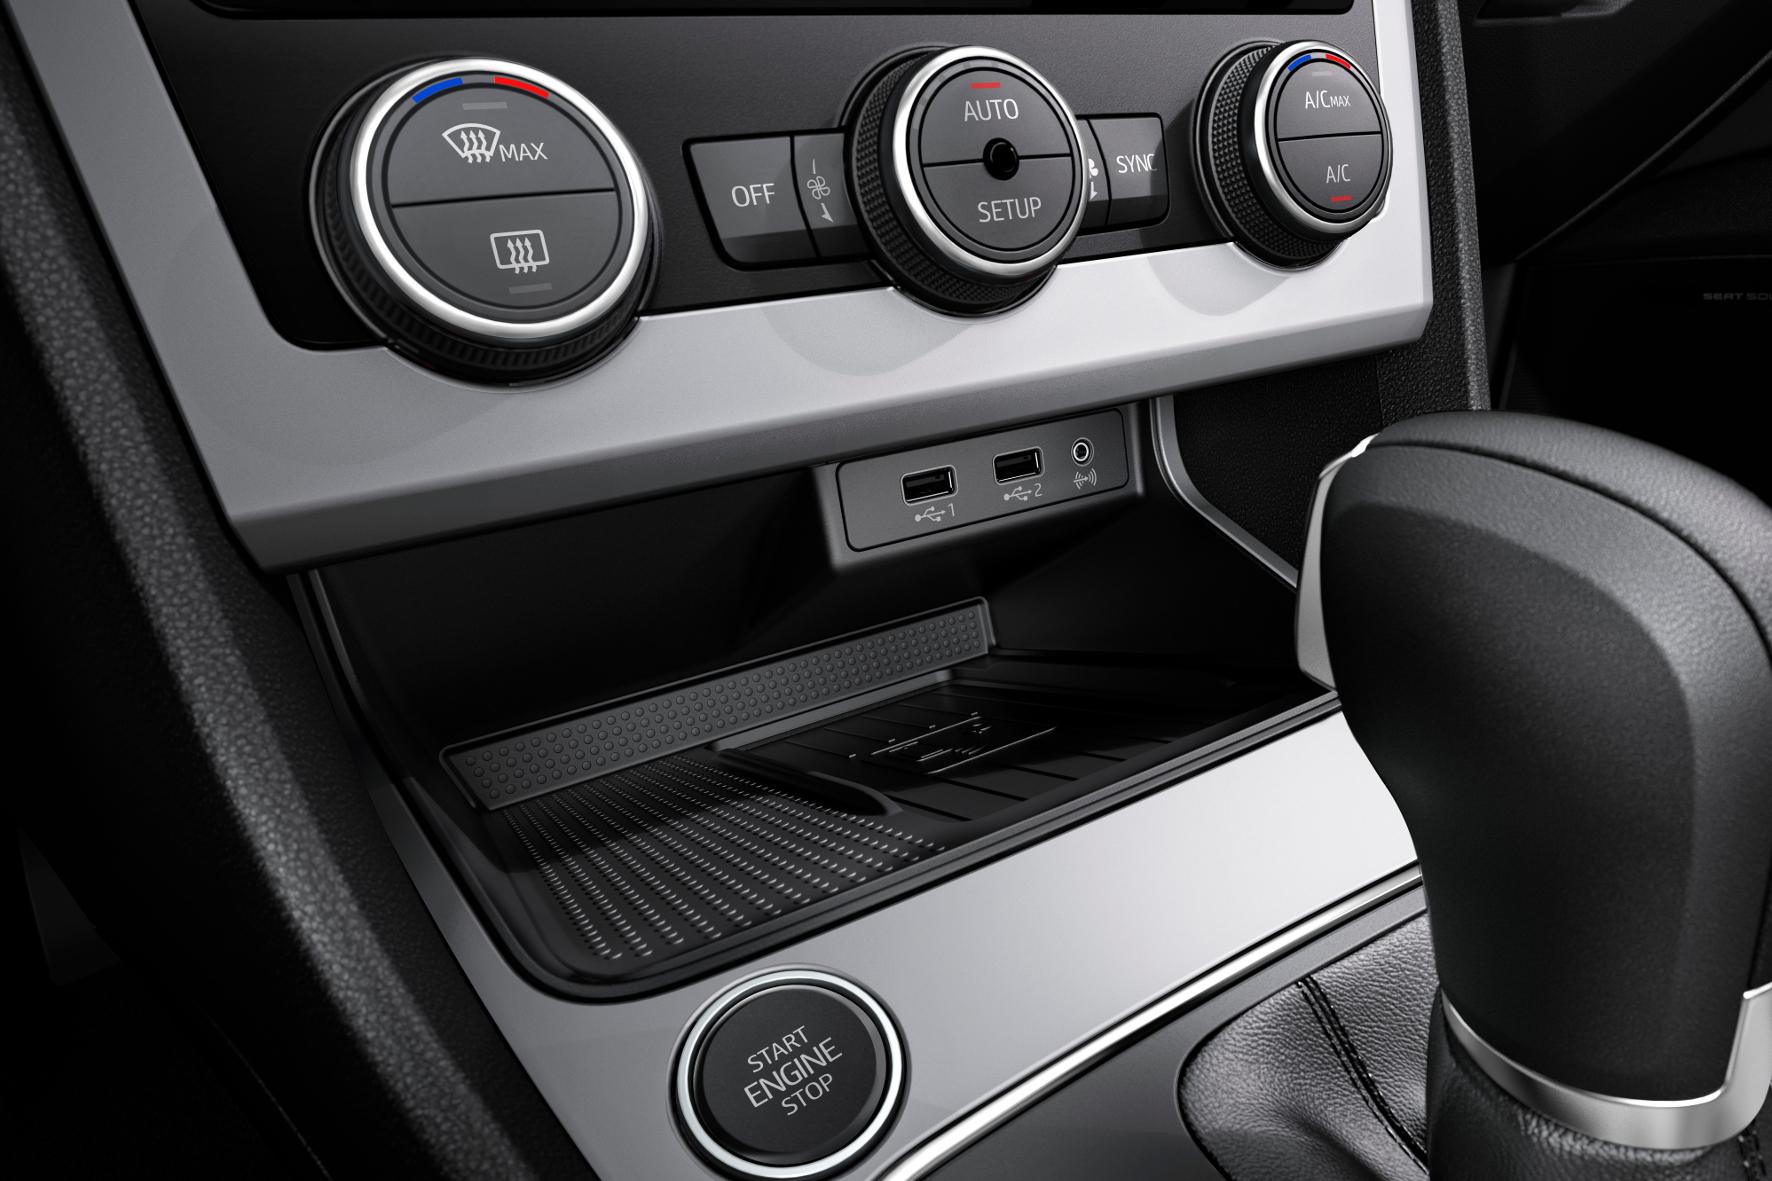 Nur wenige Knöpfe und Schalter sind im Cockpit des Leon platziert. Dazu gibt es sinnvoll platzierte USB- und Klinken-Anschlüsse und eine rutschfeste Ablage inklusive Lademöglichkeit für das Smartphone.